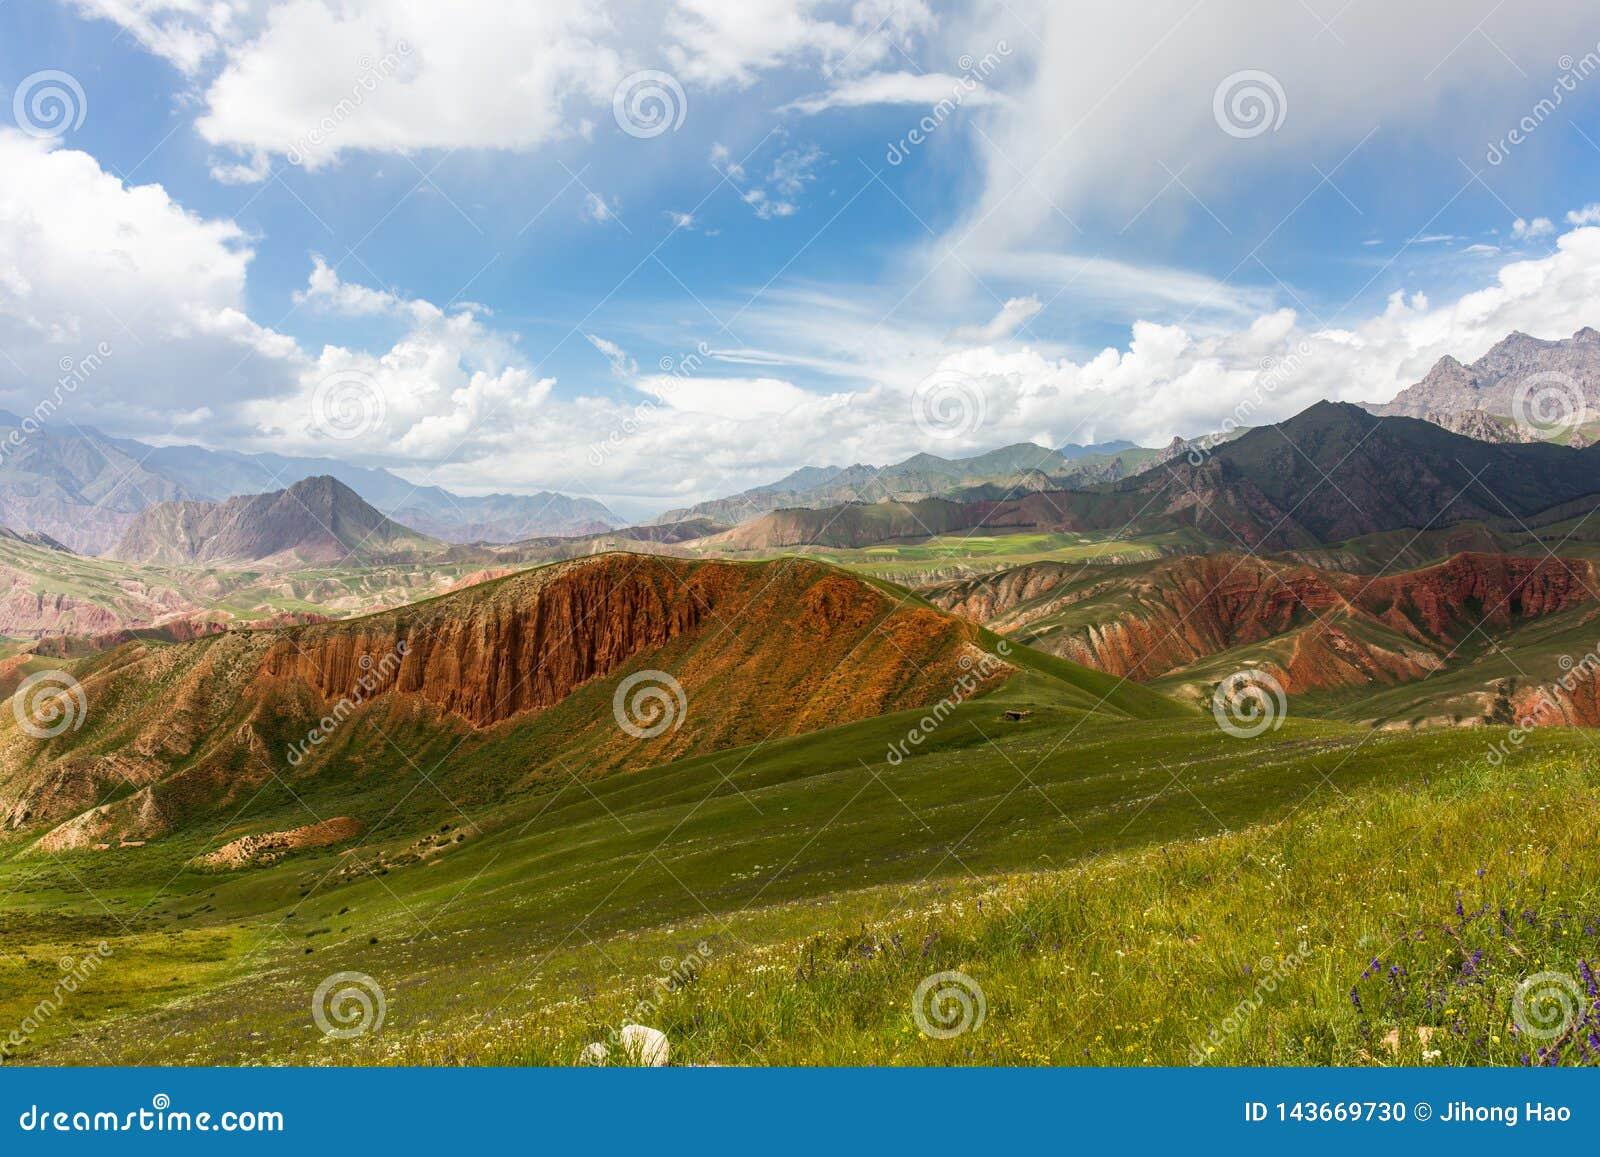 Août, les montagnes sous le ciel bleu et les nuages blancs, montagne de Qilian